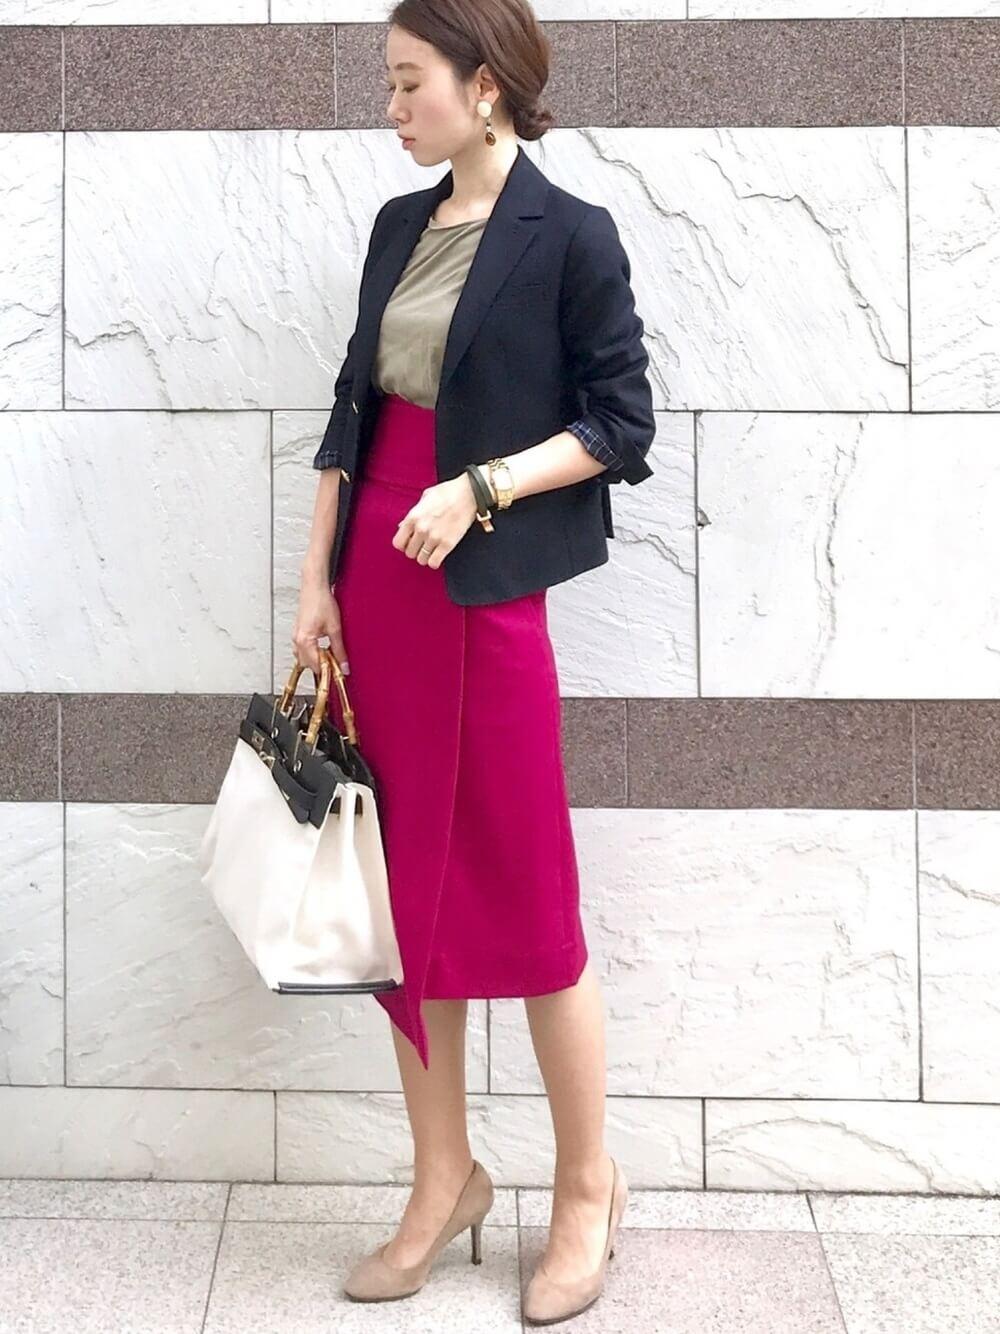 ピンクタイトスカートとネイビージャケットのコーデ画像